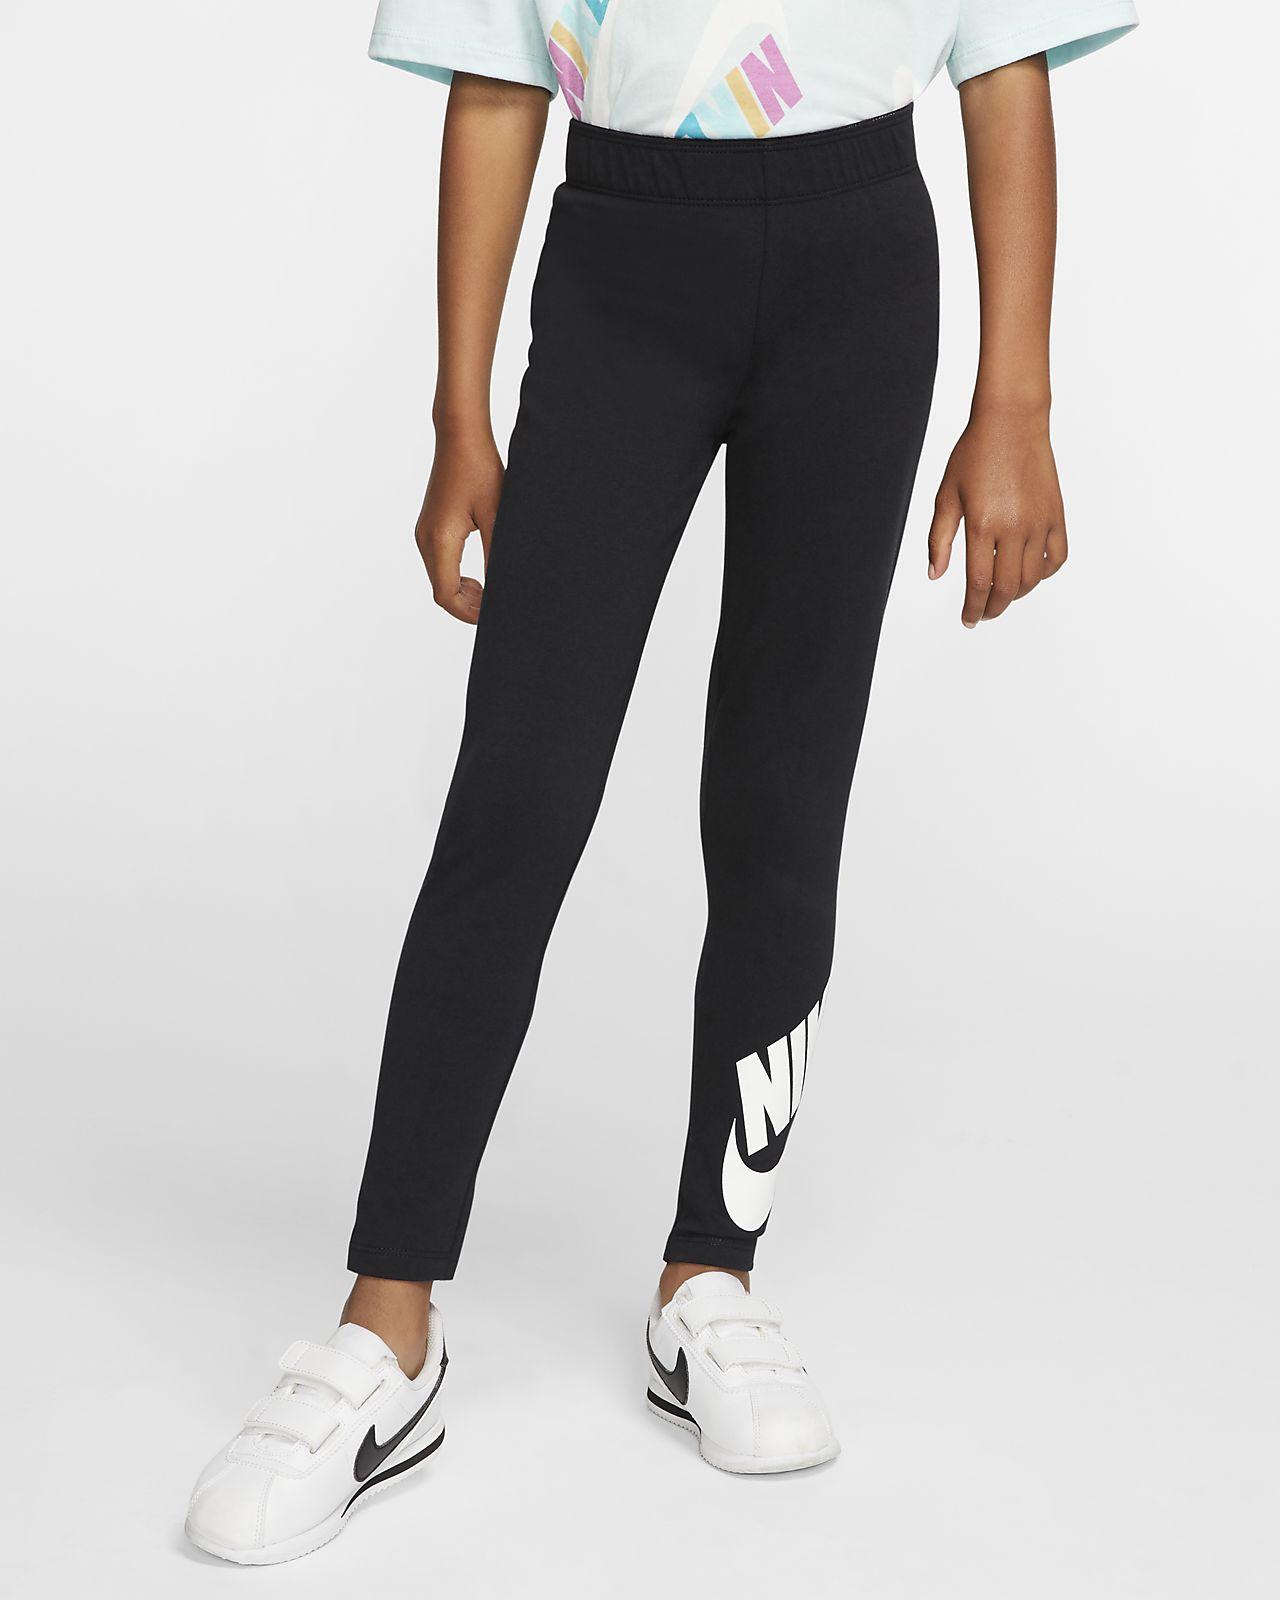 Nike Sportswear Leg-A-See JDI Little Kids' Leggings